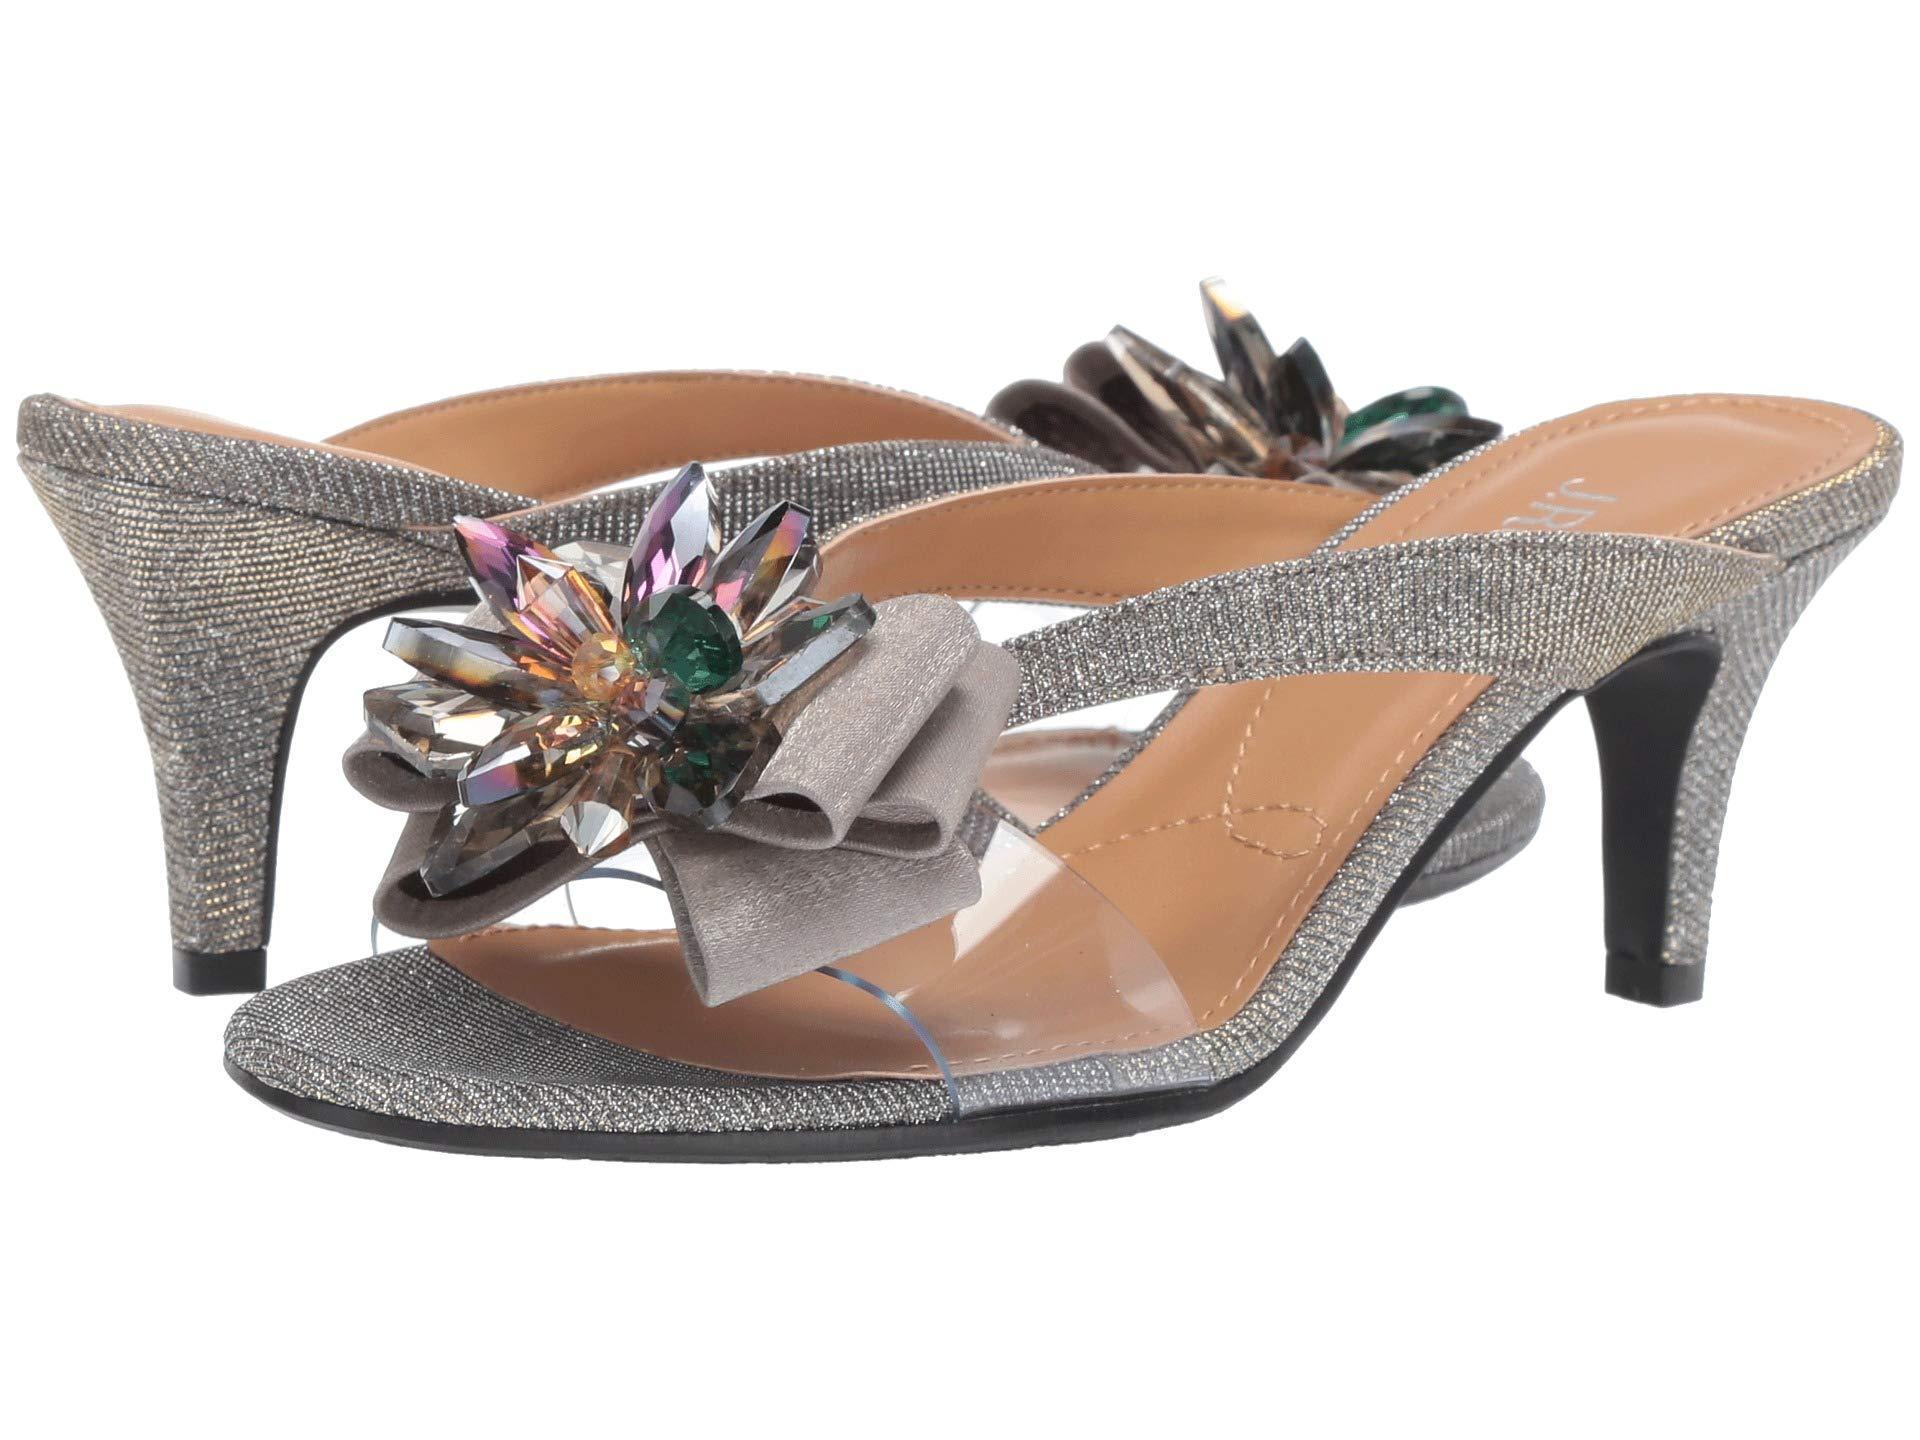 42852cfbe80 Lyst - J. Reneé Gredel (silver Glitter clear) Women s 1-2 Inch Heel ...